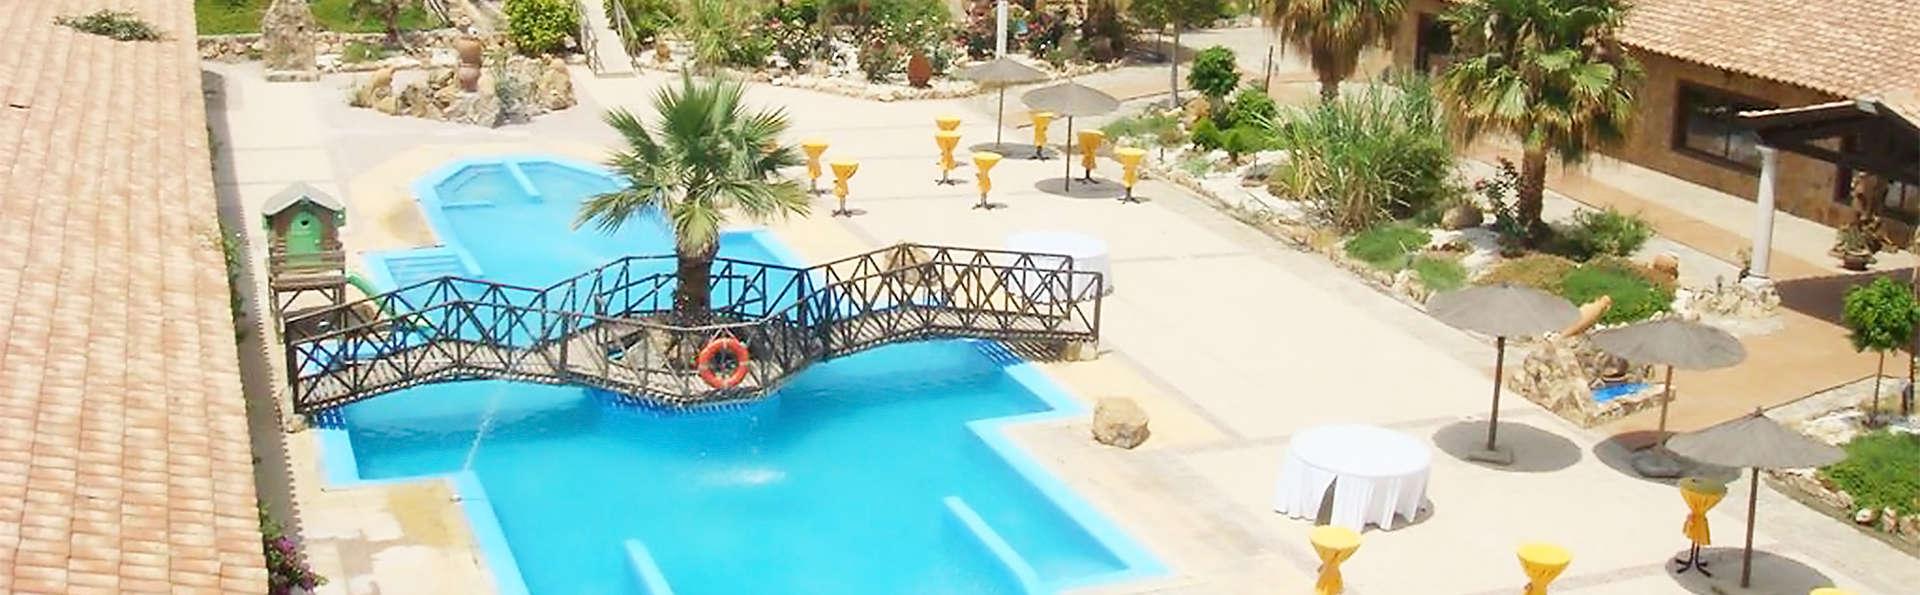 Águilas Hotel Resort  - EDIT_pool4.jpg